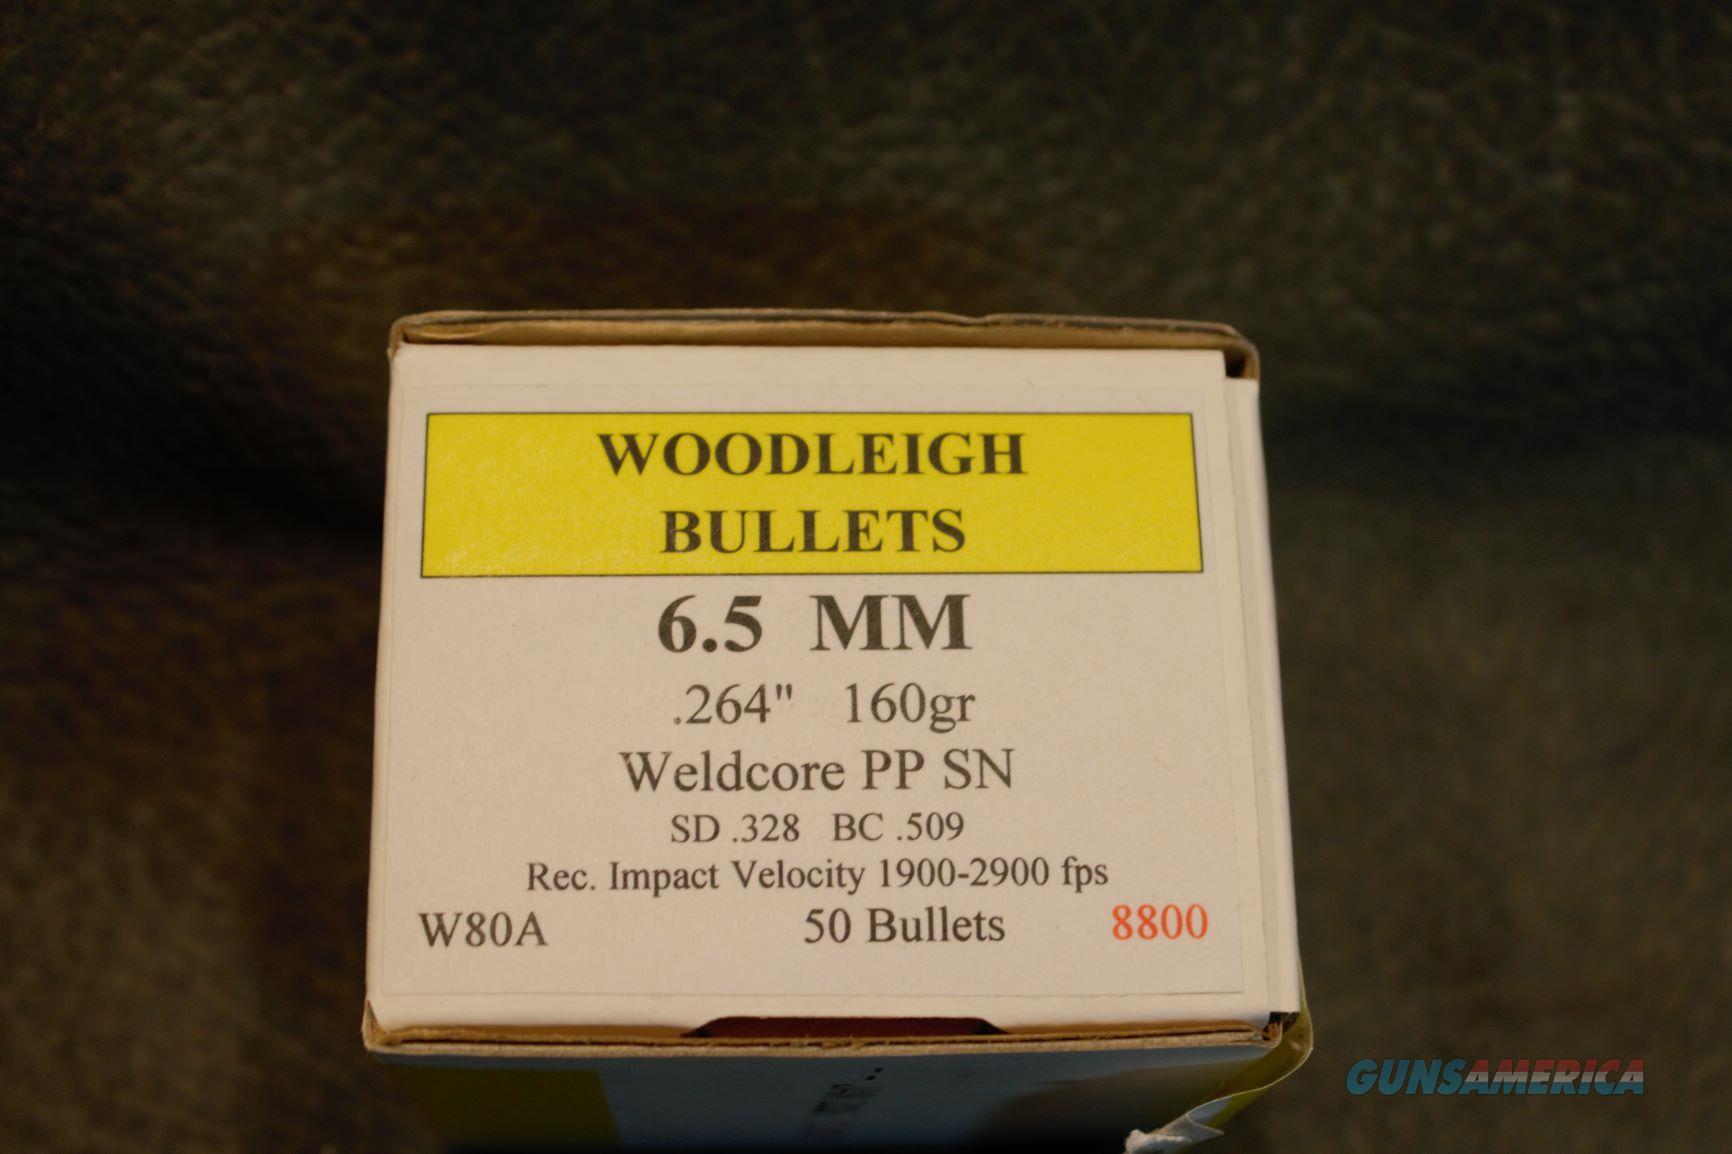 Woodleigh 6.5MM Bullets 160gr  Non-Guns > Ammunition